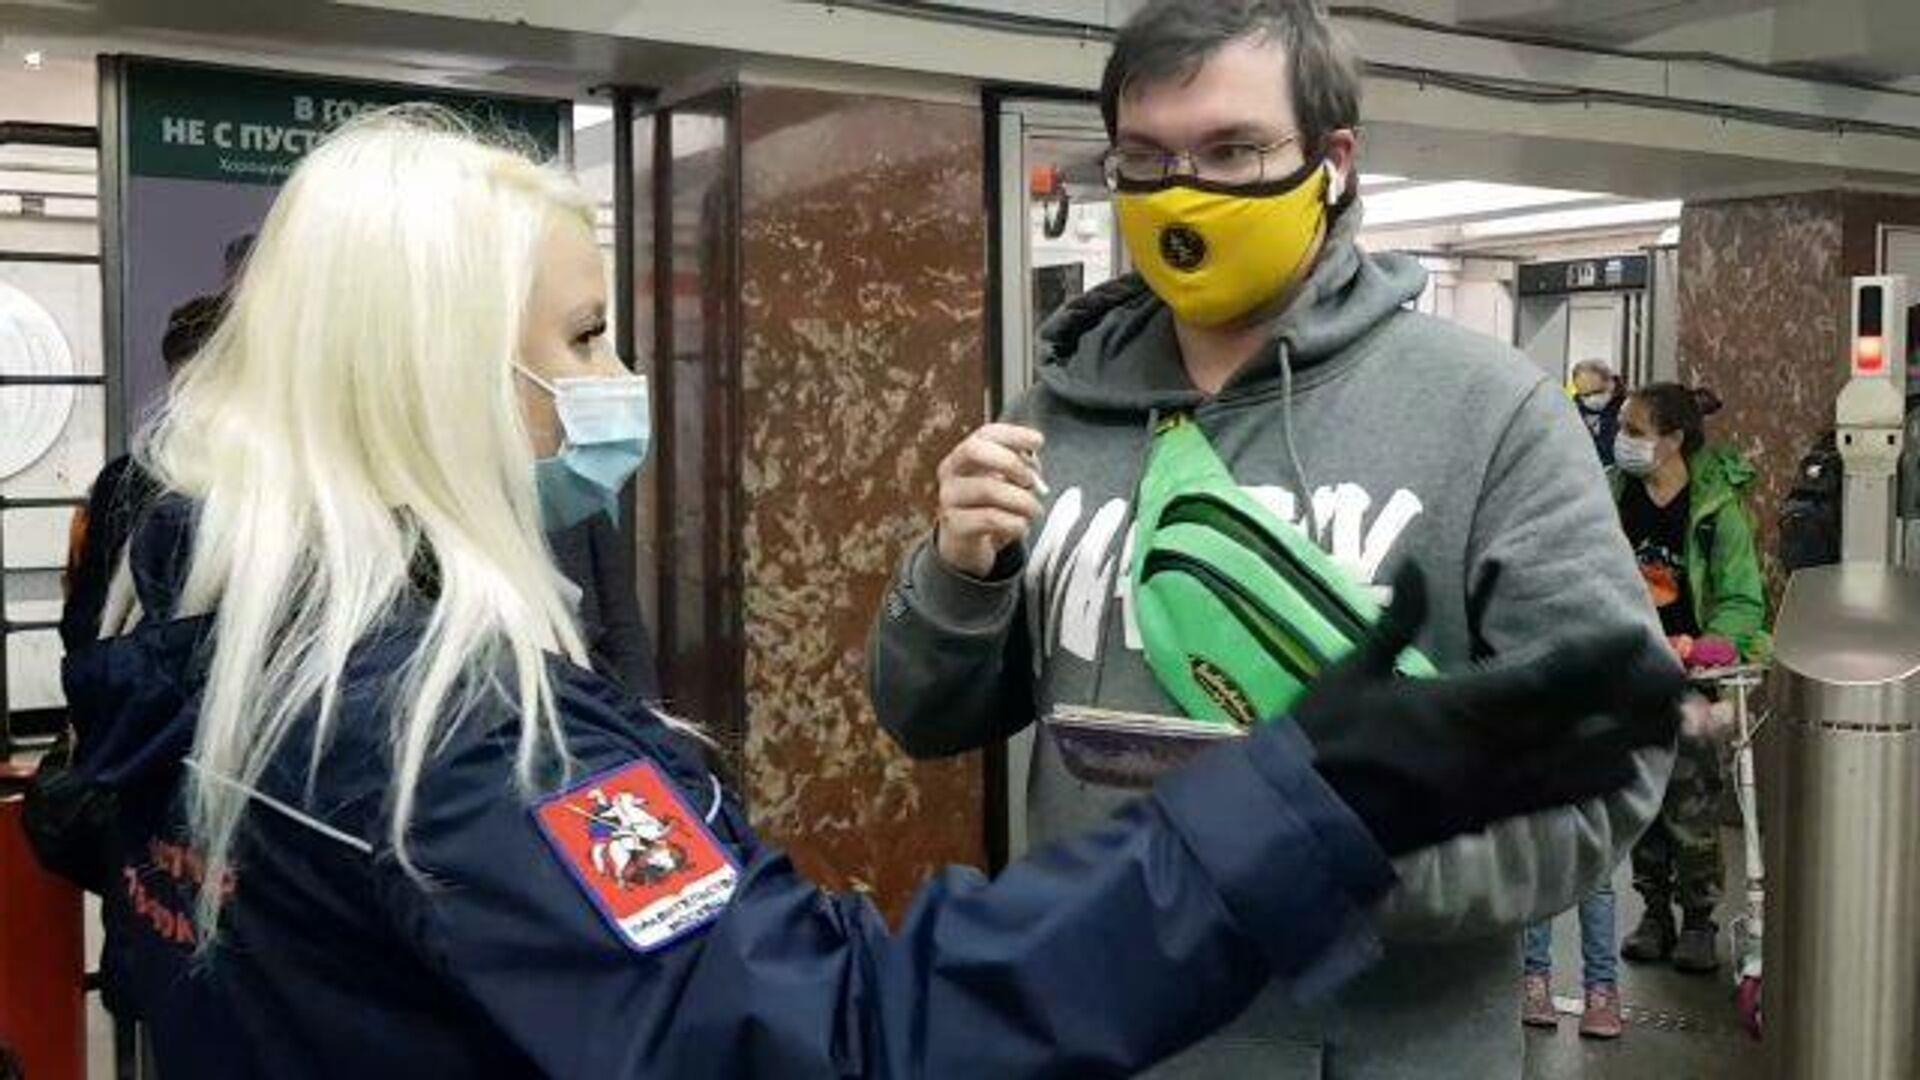 Ковид-контроль: в московском метрополитене проверяют наличие масок и перчаток у пассажиров - РИА Новости, 1920, 16.10.2020